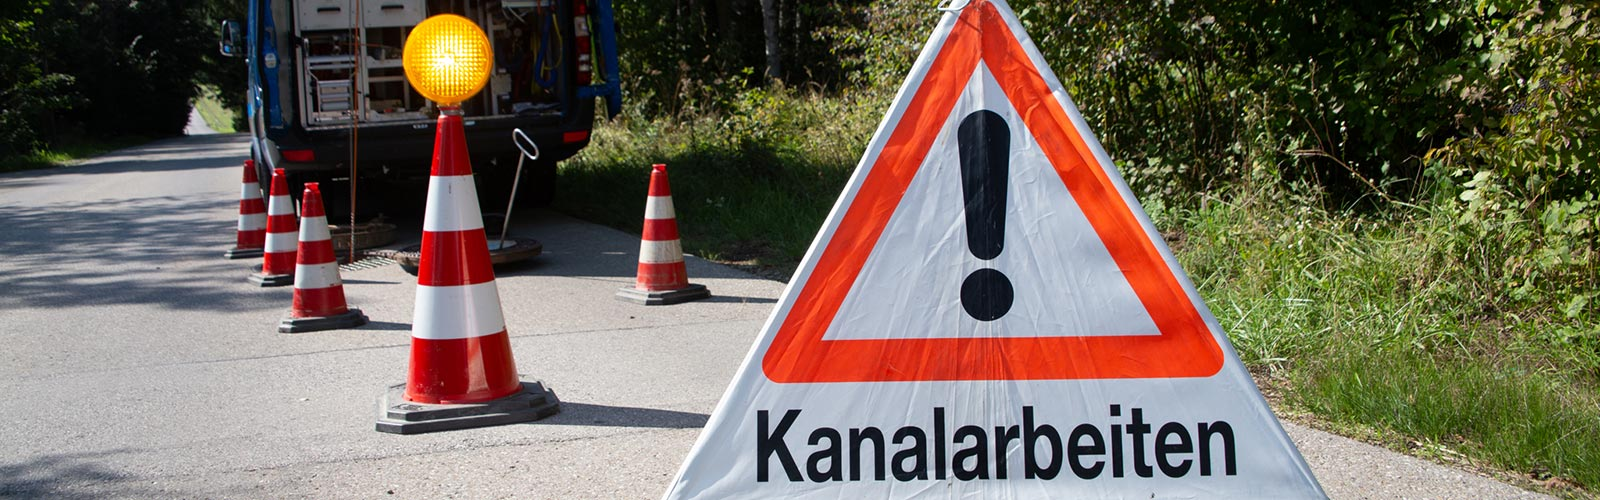 Warnschild Kanalsanierung